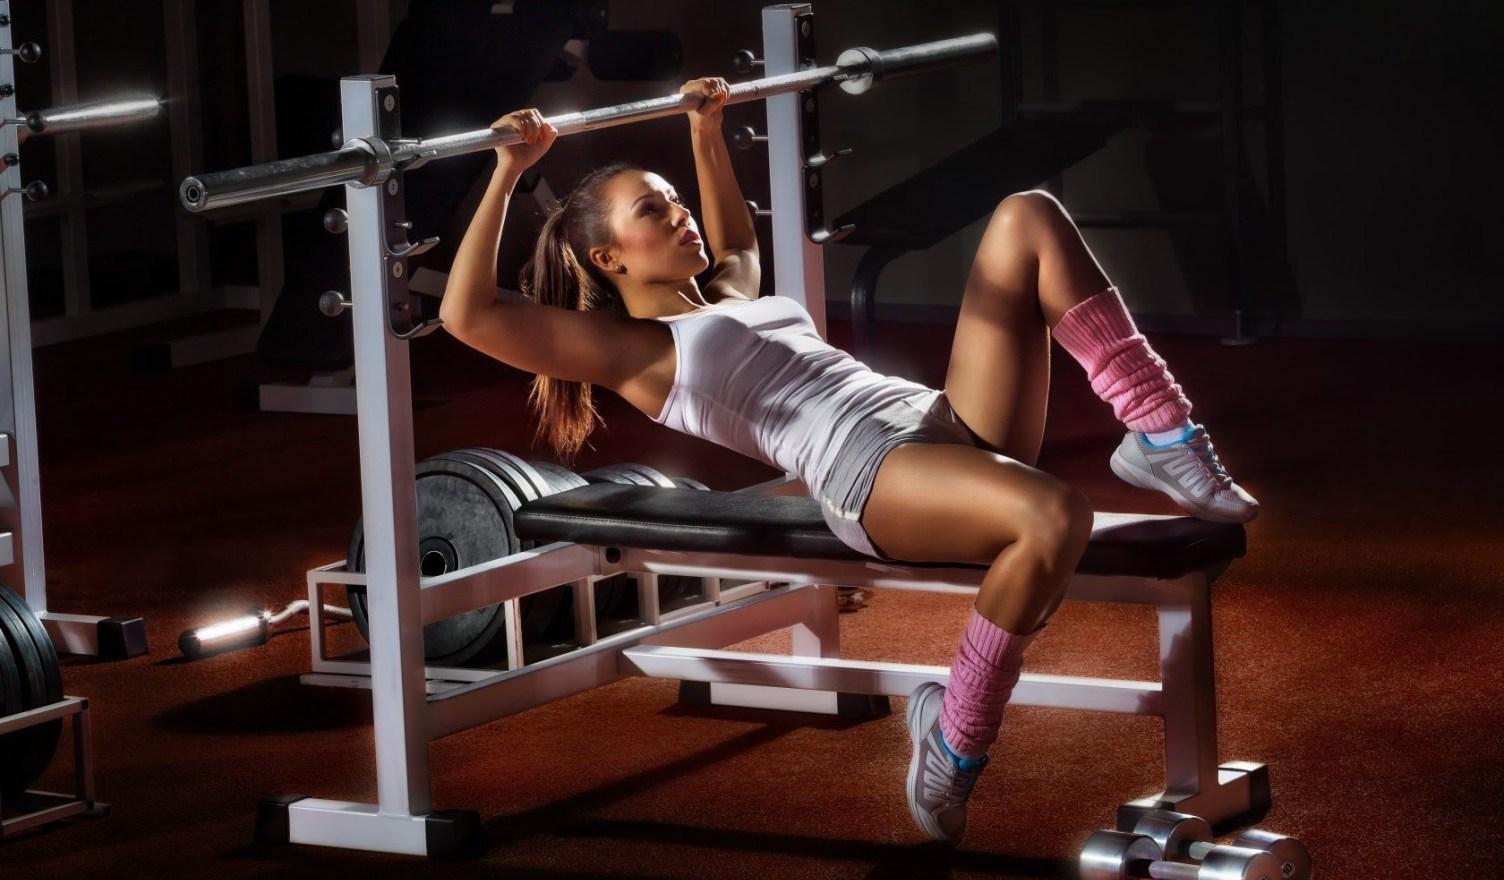 Как девушке начинать тренировку в тренажерном зале для